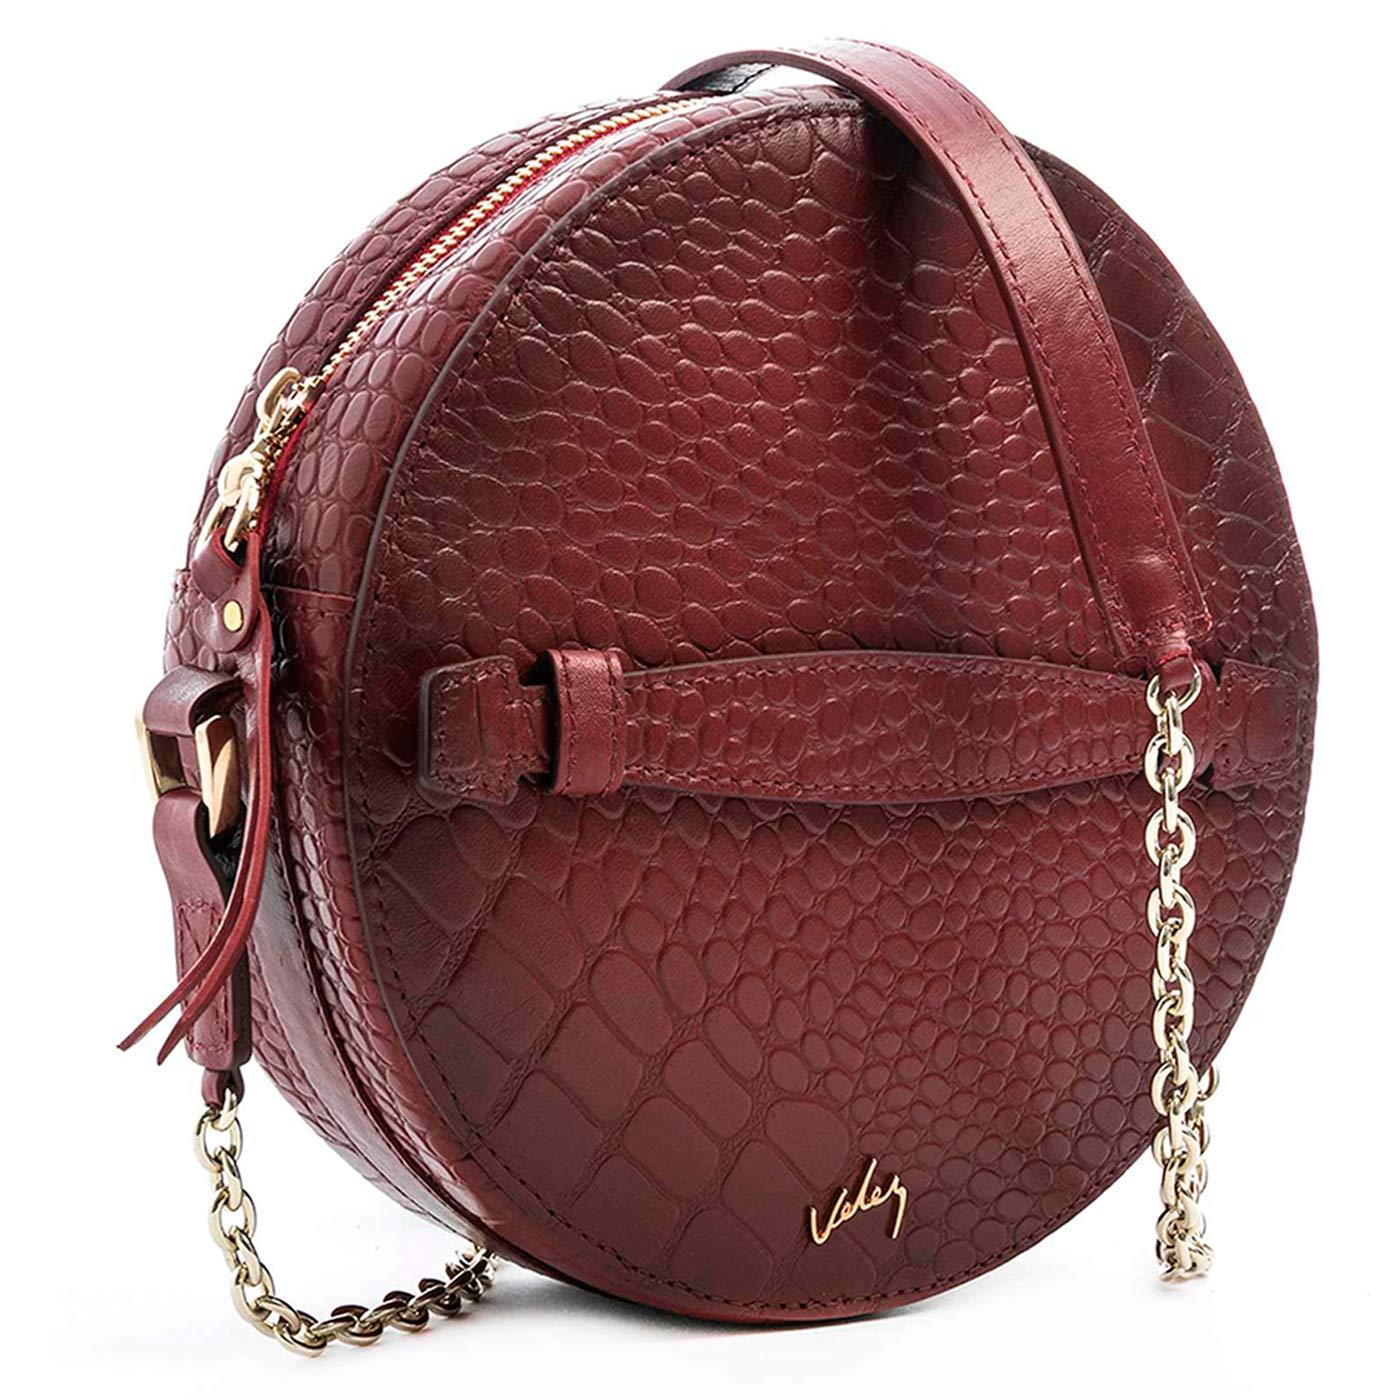 Amazon.com: VELEZ Cuero Crossbody Bolsos Para Mujer | Bolso ...